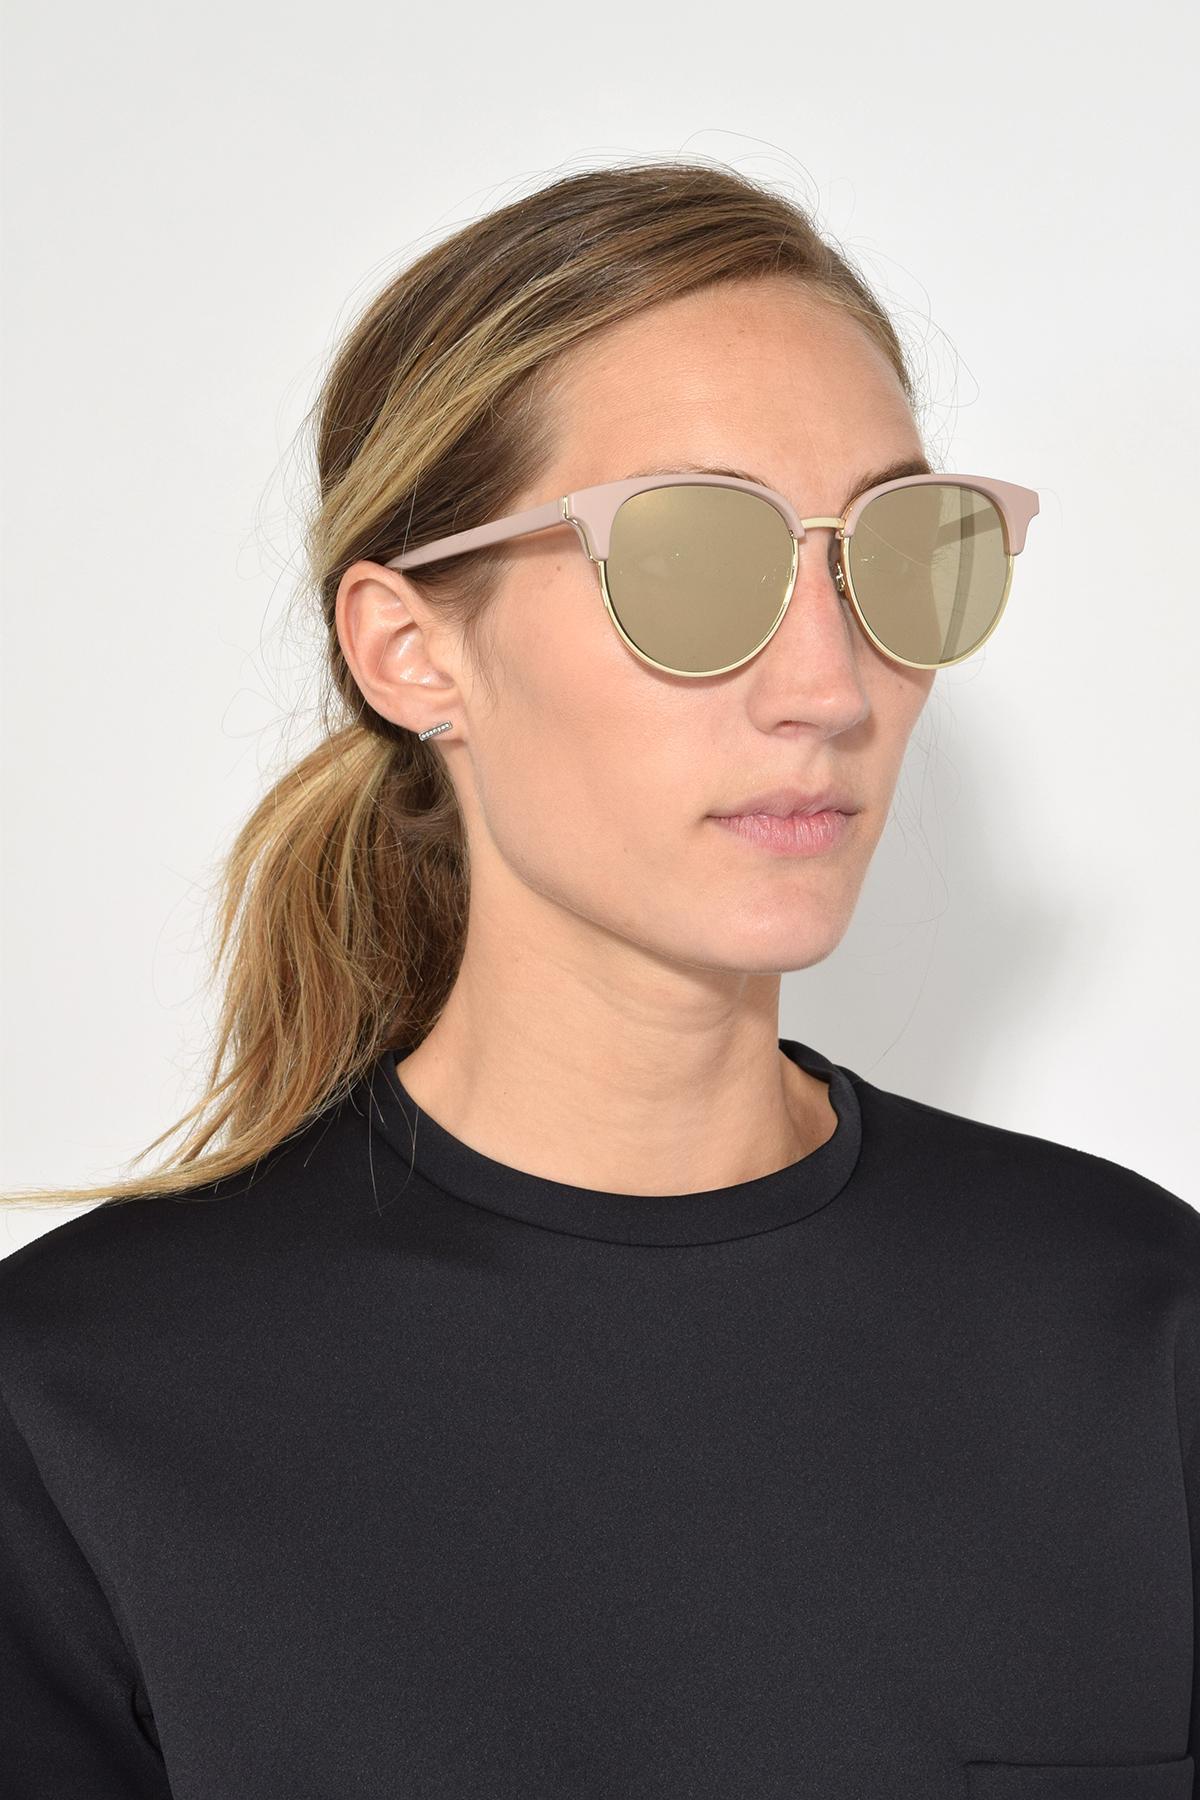 Le Specs Sonnenbrille DÉJA VU (Matte Shell) vdjVwWDW2x